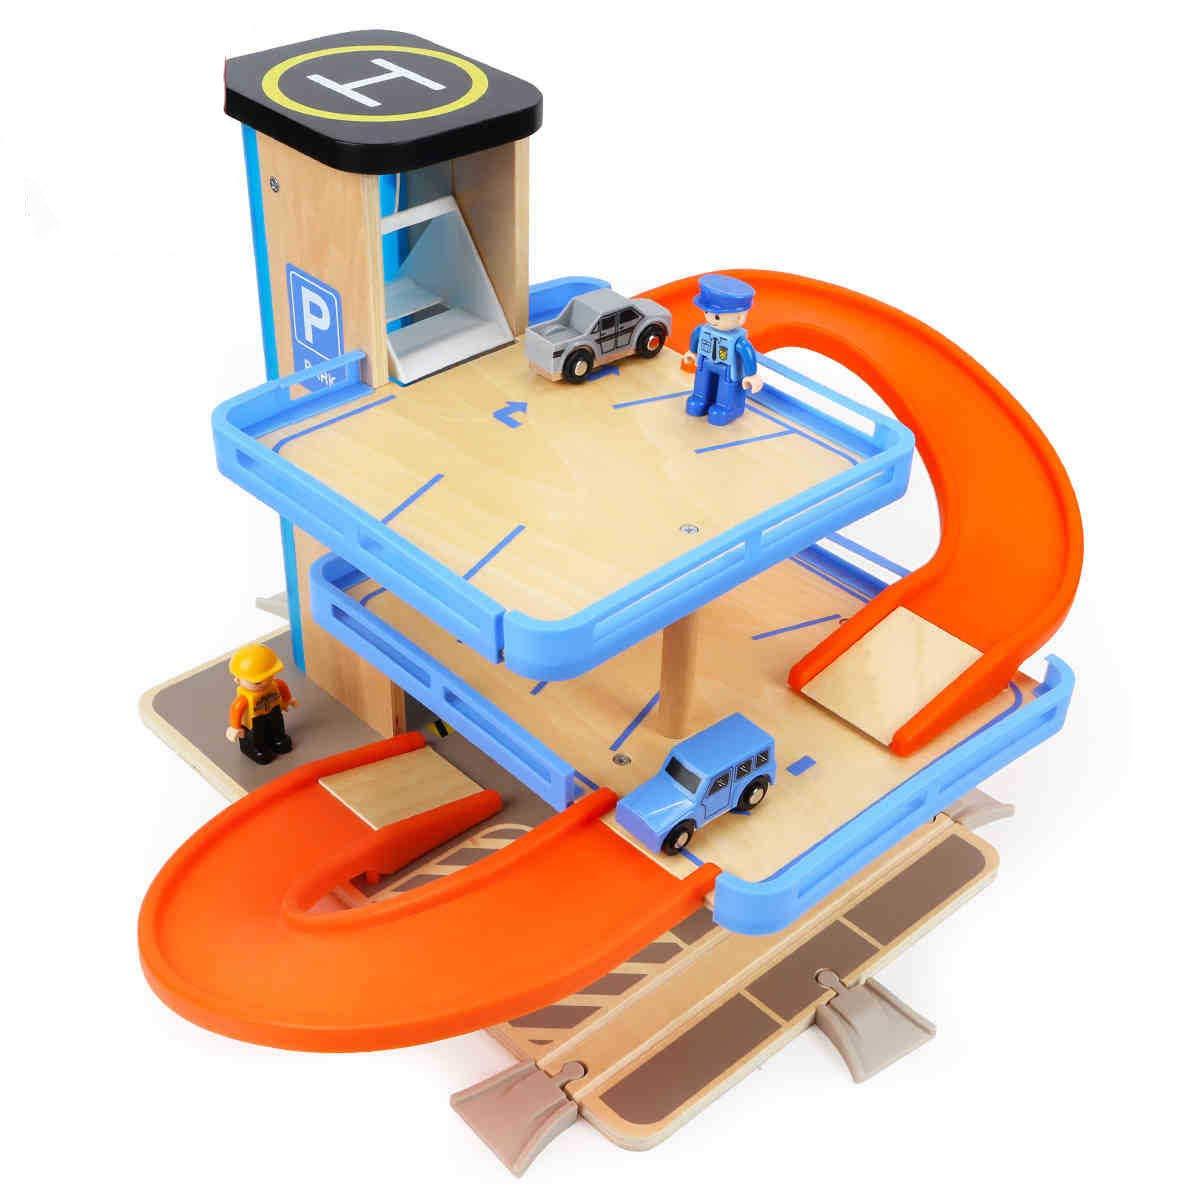 教育玩具リムーバブルアセンブリの子供クリエイティブな地下鉄駐車場車47.5 31CM** 12** 31CM B07GVG1MK3, QMA:3042bad4 --- loveszsator.hu